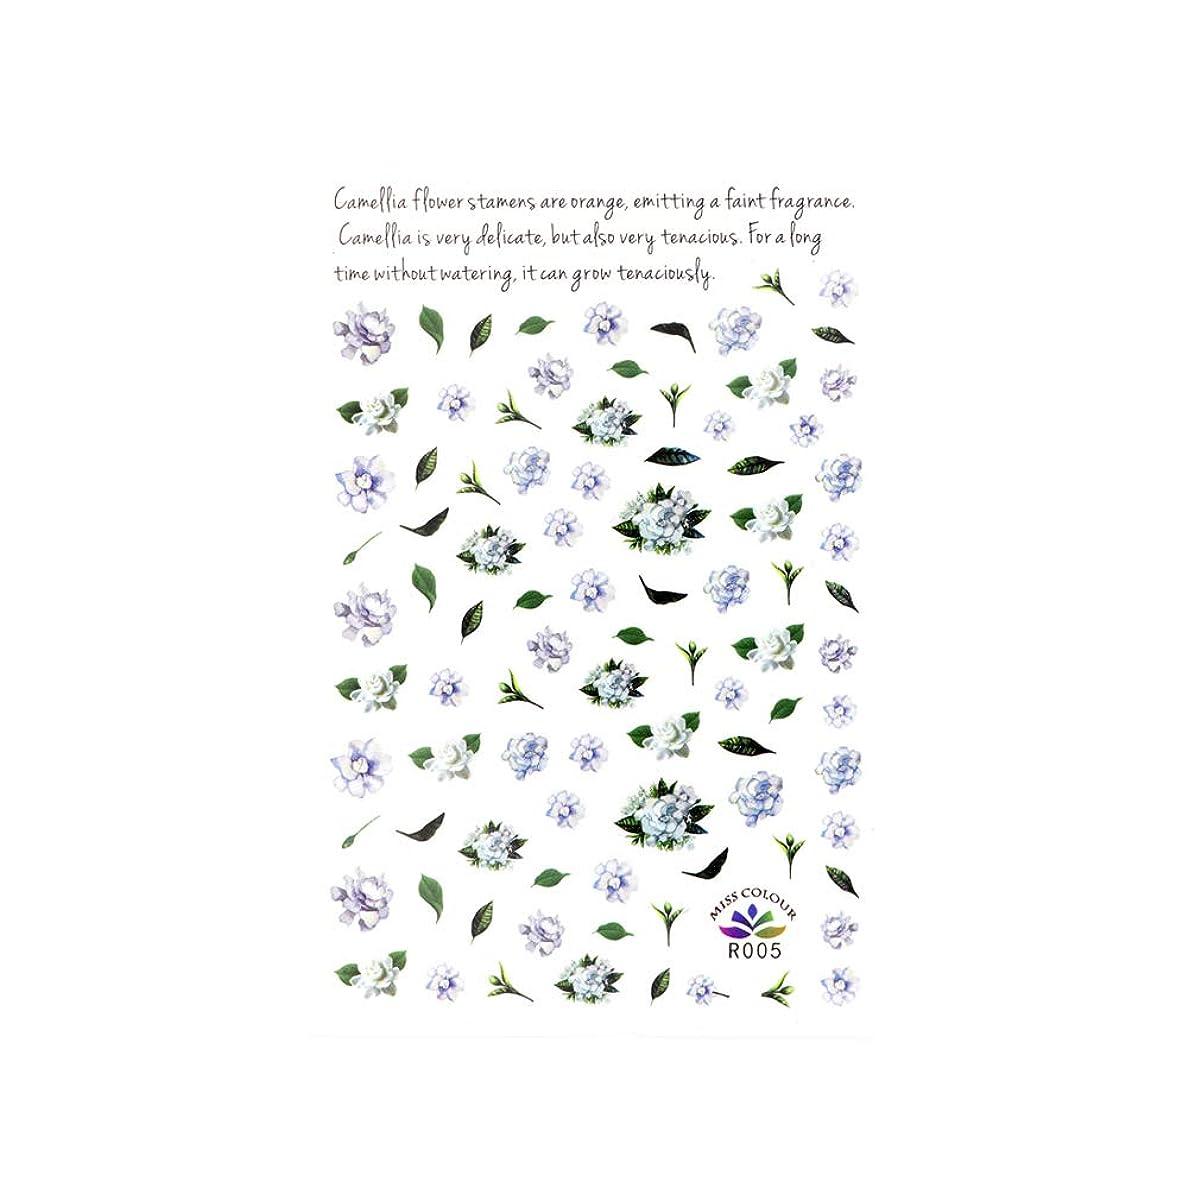 オゾンビルマ潜在的なネイルシール ブルーローズシールフラワーネイル 花柄ネイル 春ネイル 押し花ネイル ローズネイル